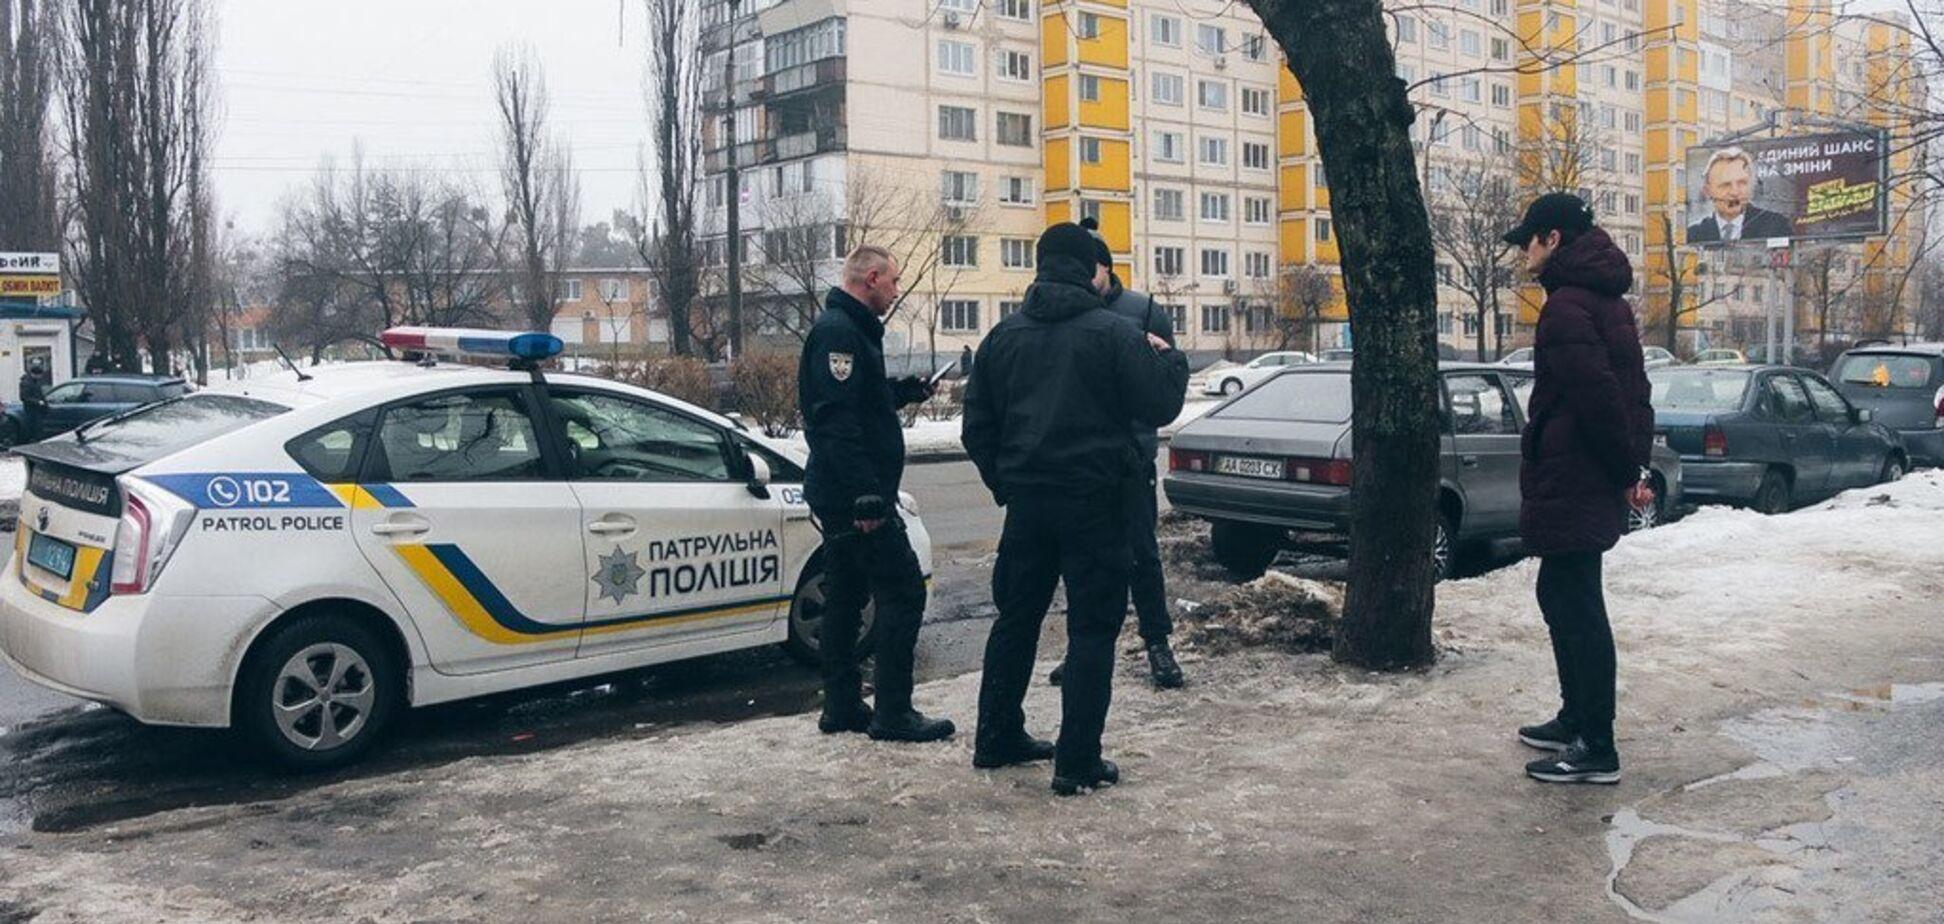 У Києві на вулиці прострелили око дитині: у справі з'явилися нові деталі